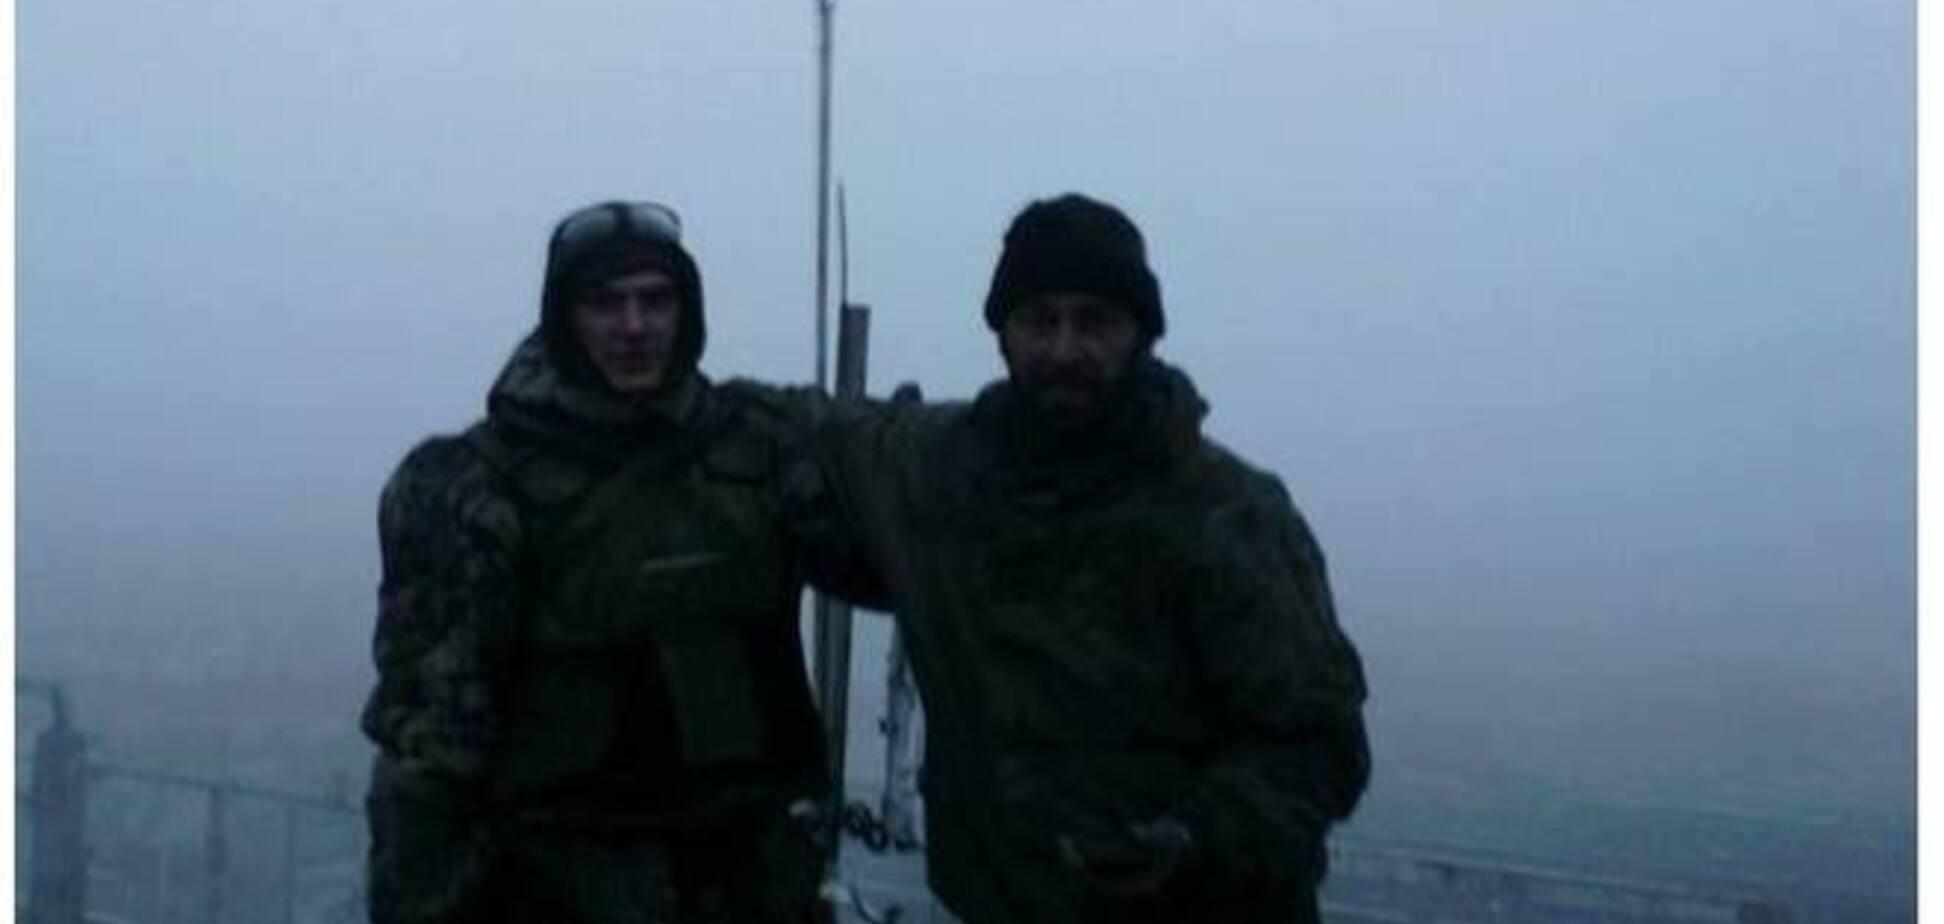 Белорусский спецназовец засветился в рядах 'армии Новороссии': опубликованы фото